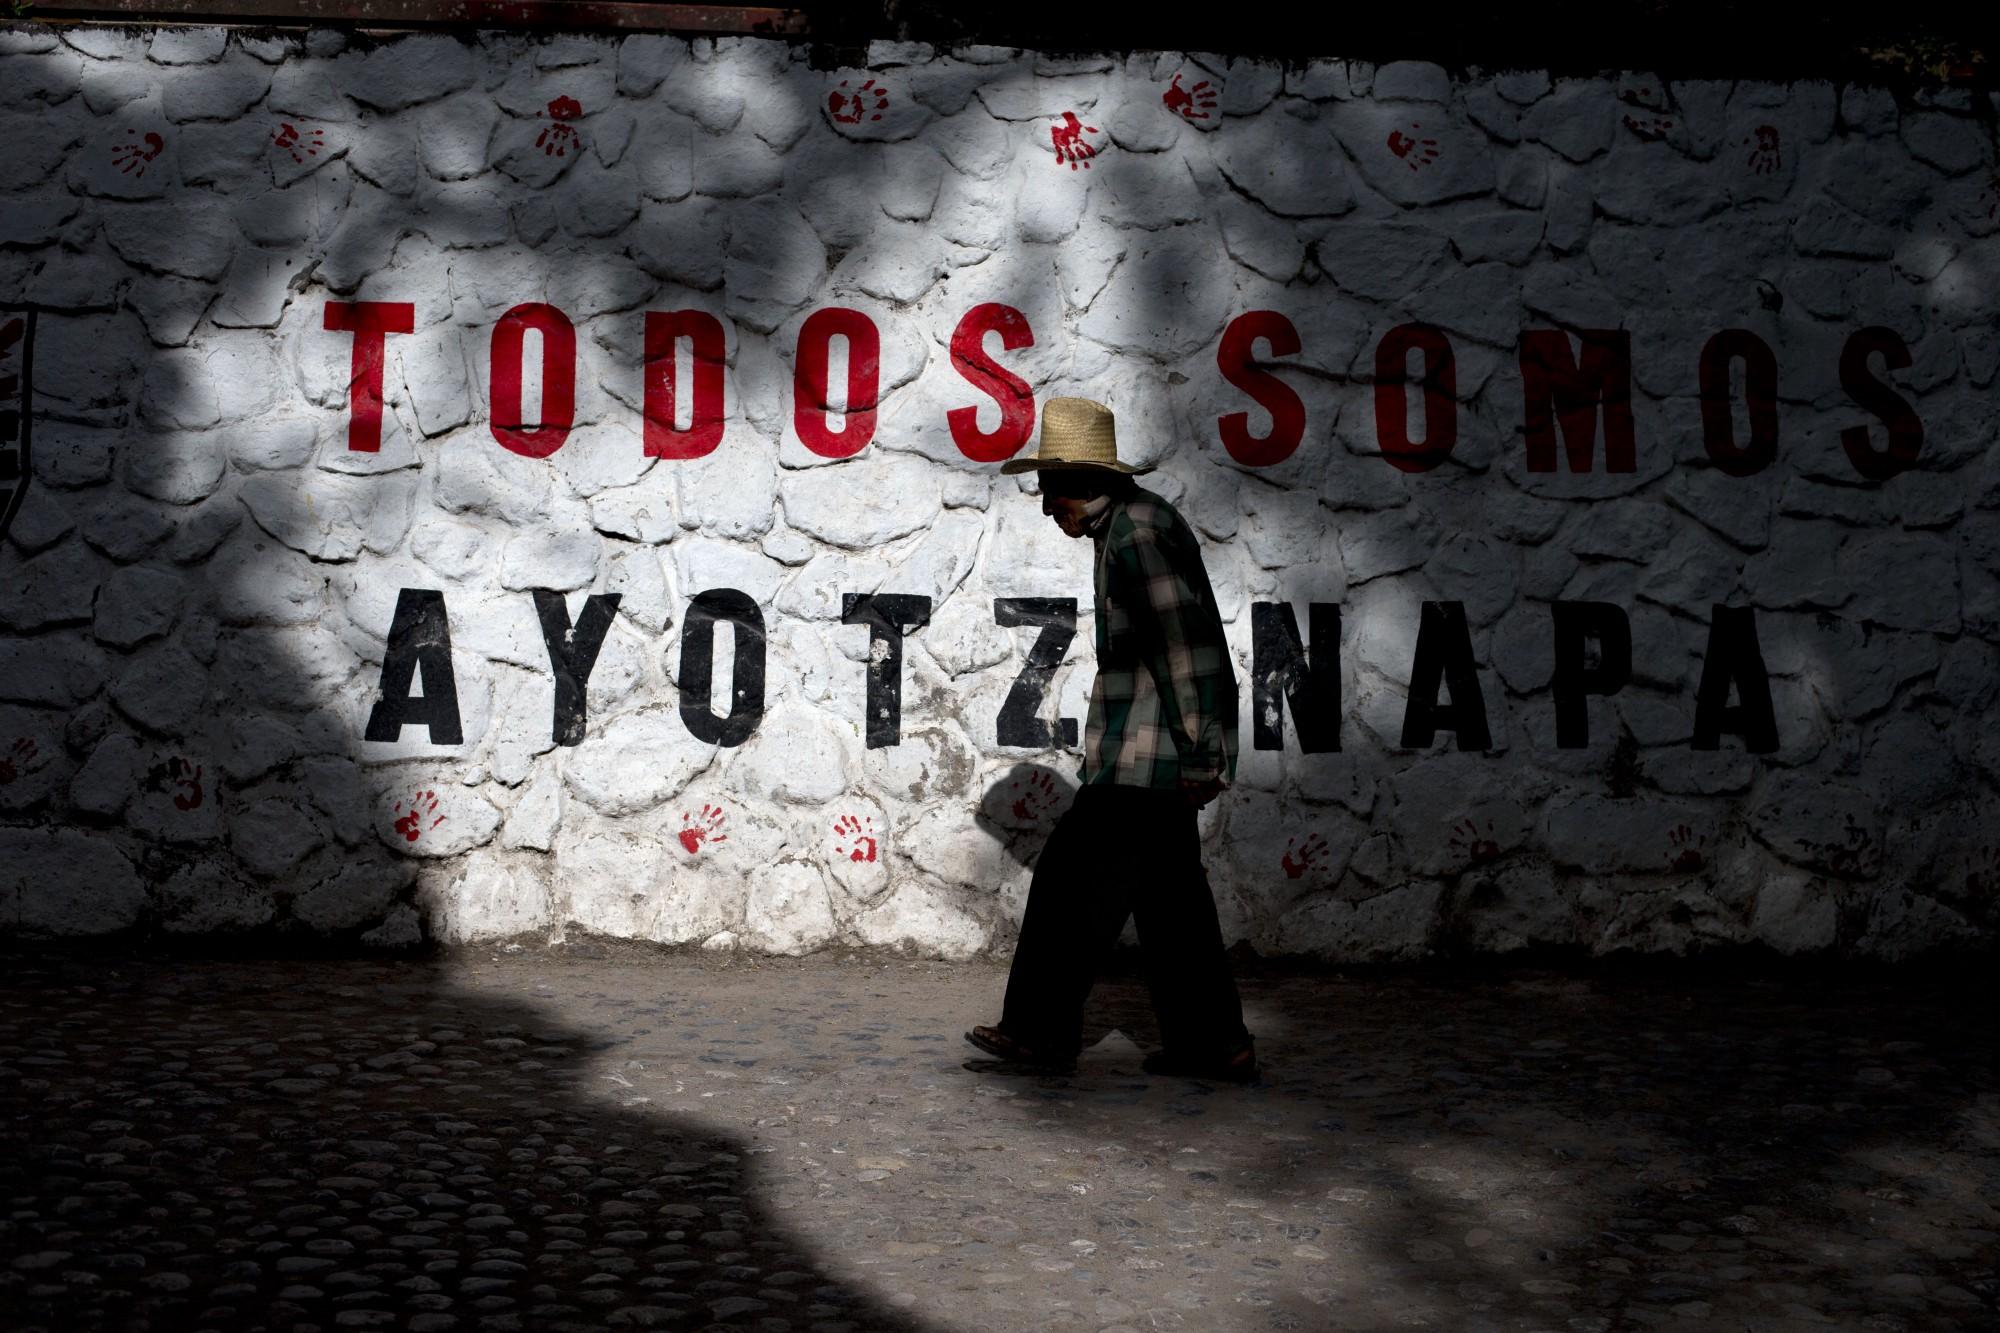 """Un año después de la desaparición, un hombre pasa junto a un muro donde se lee """"Todos somos Ayotzinapa""""."""